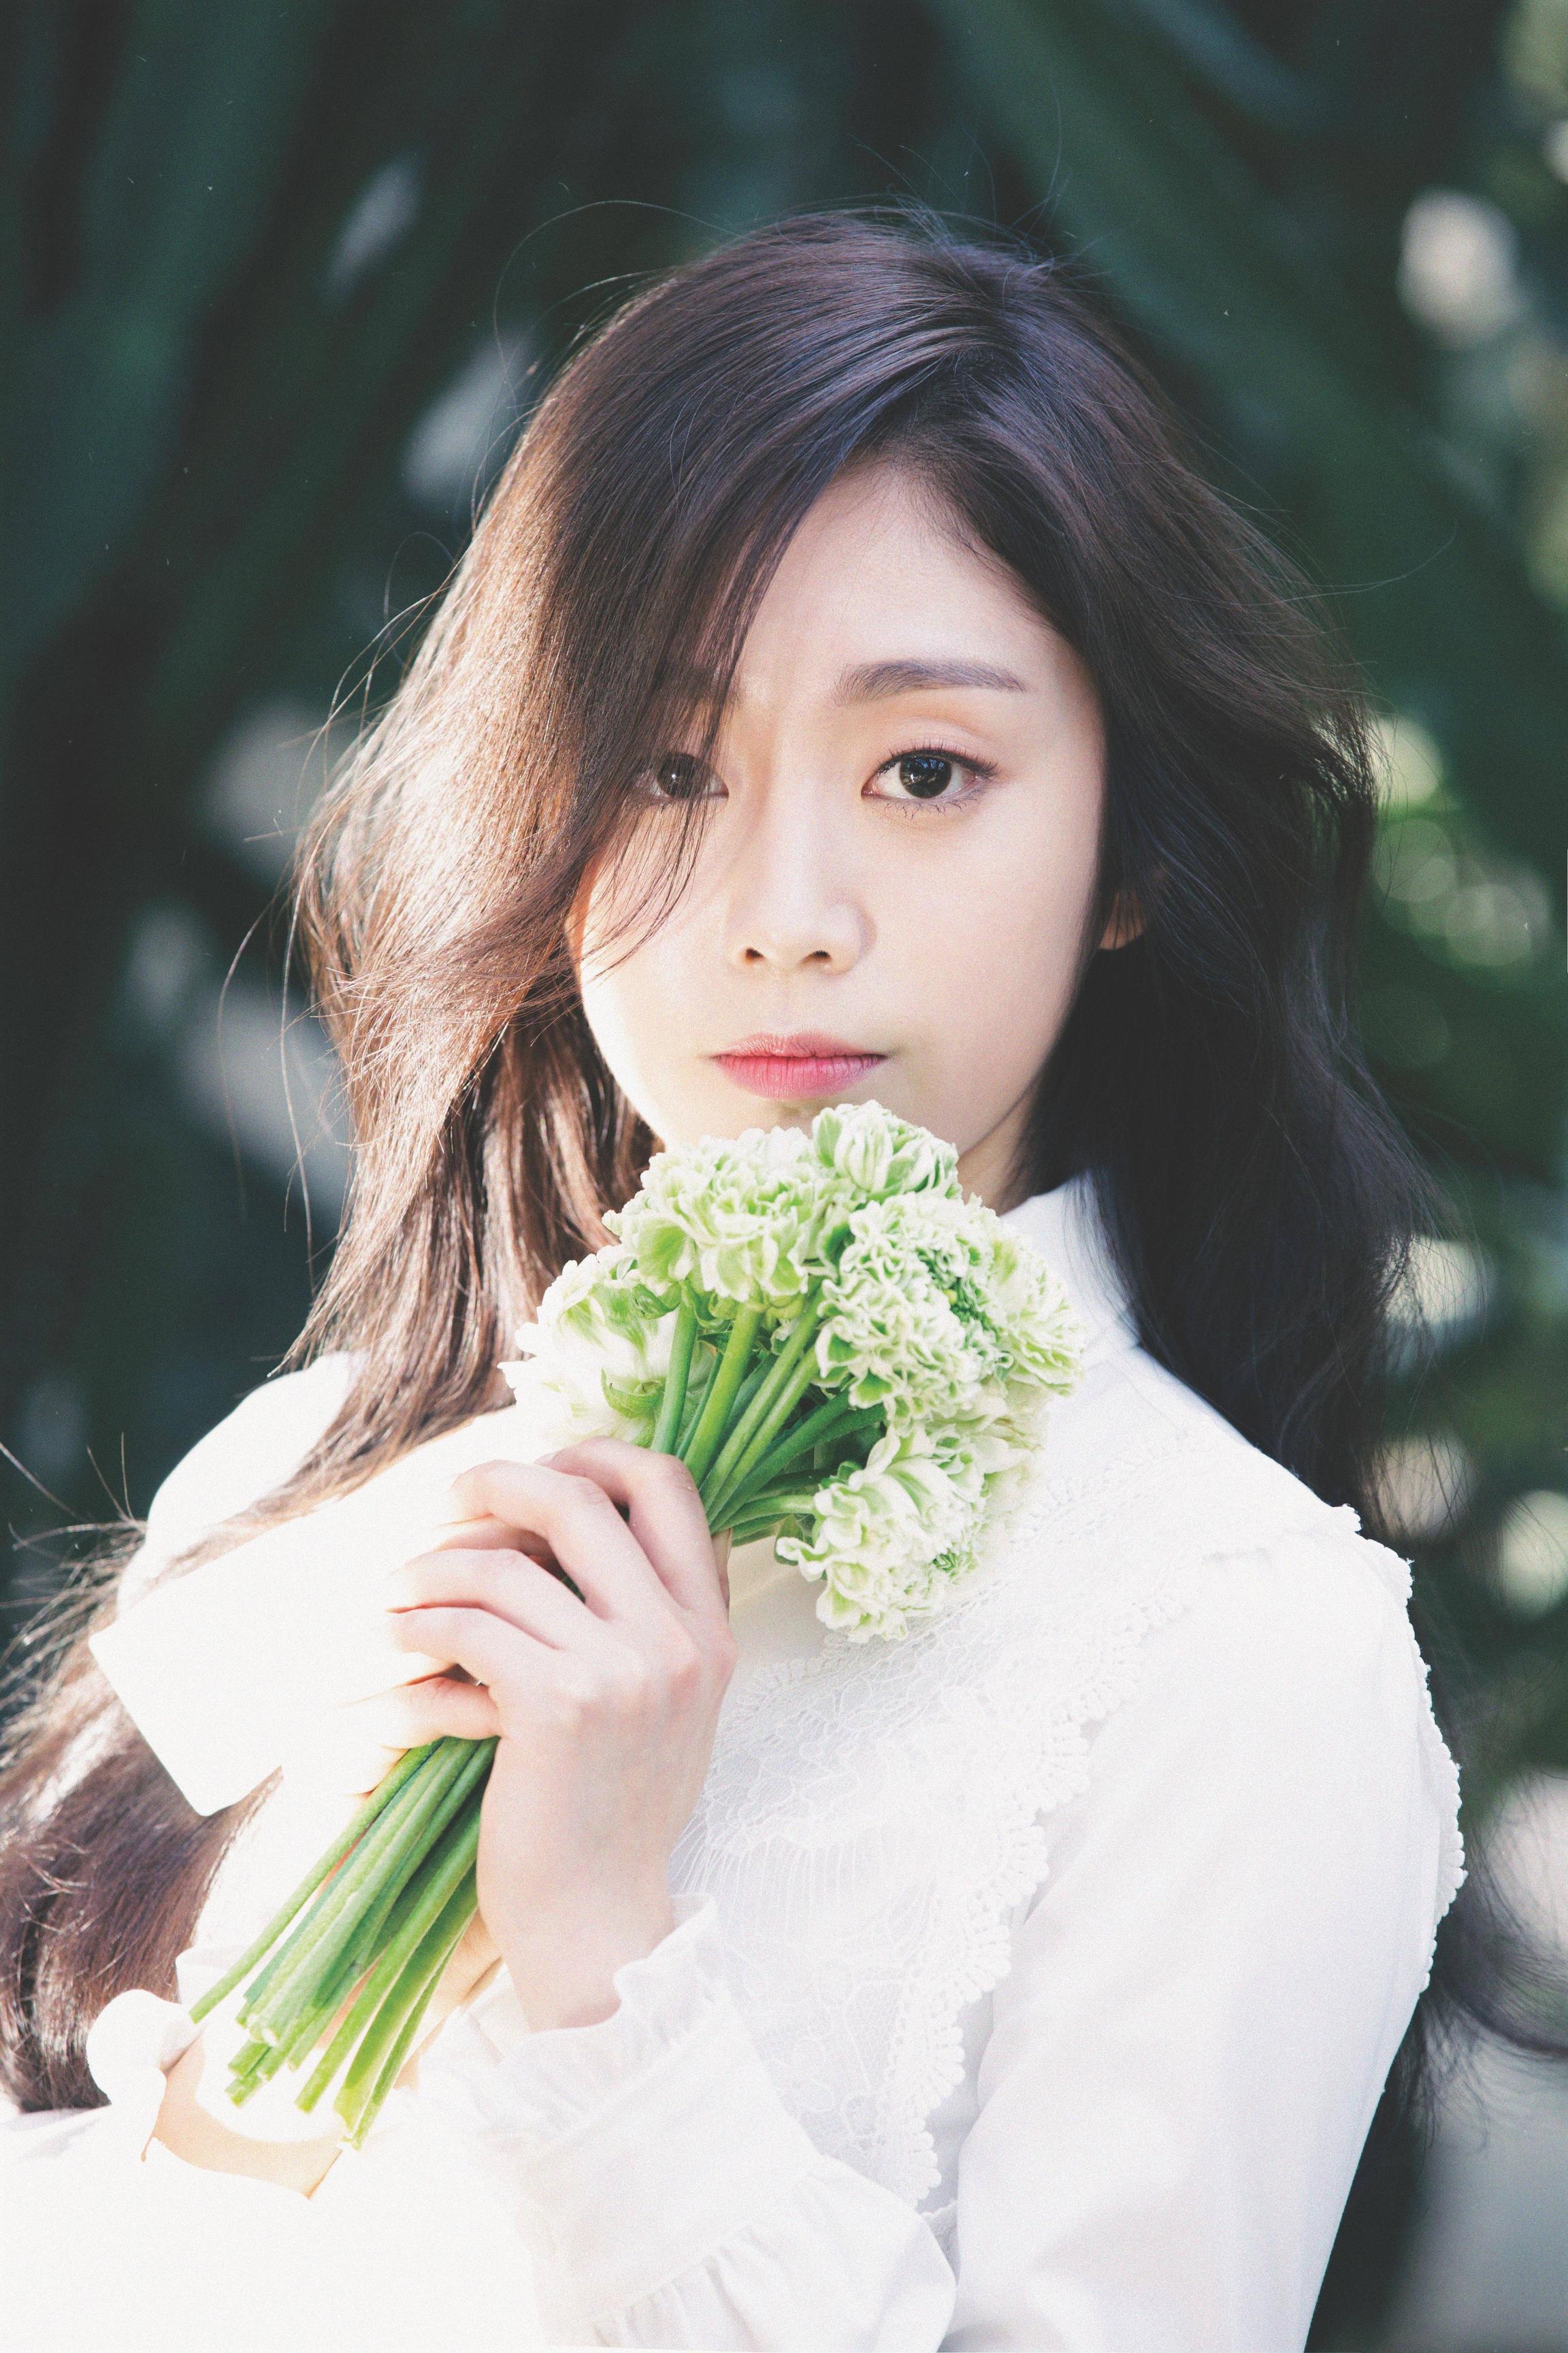 Nữ idol 'gây bão' với cơ bụng săn chắc đến phái mạnh còn e sợ, 'sốc' hơn khi nhìn sang gương mặt ngây thơ 004